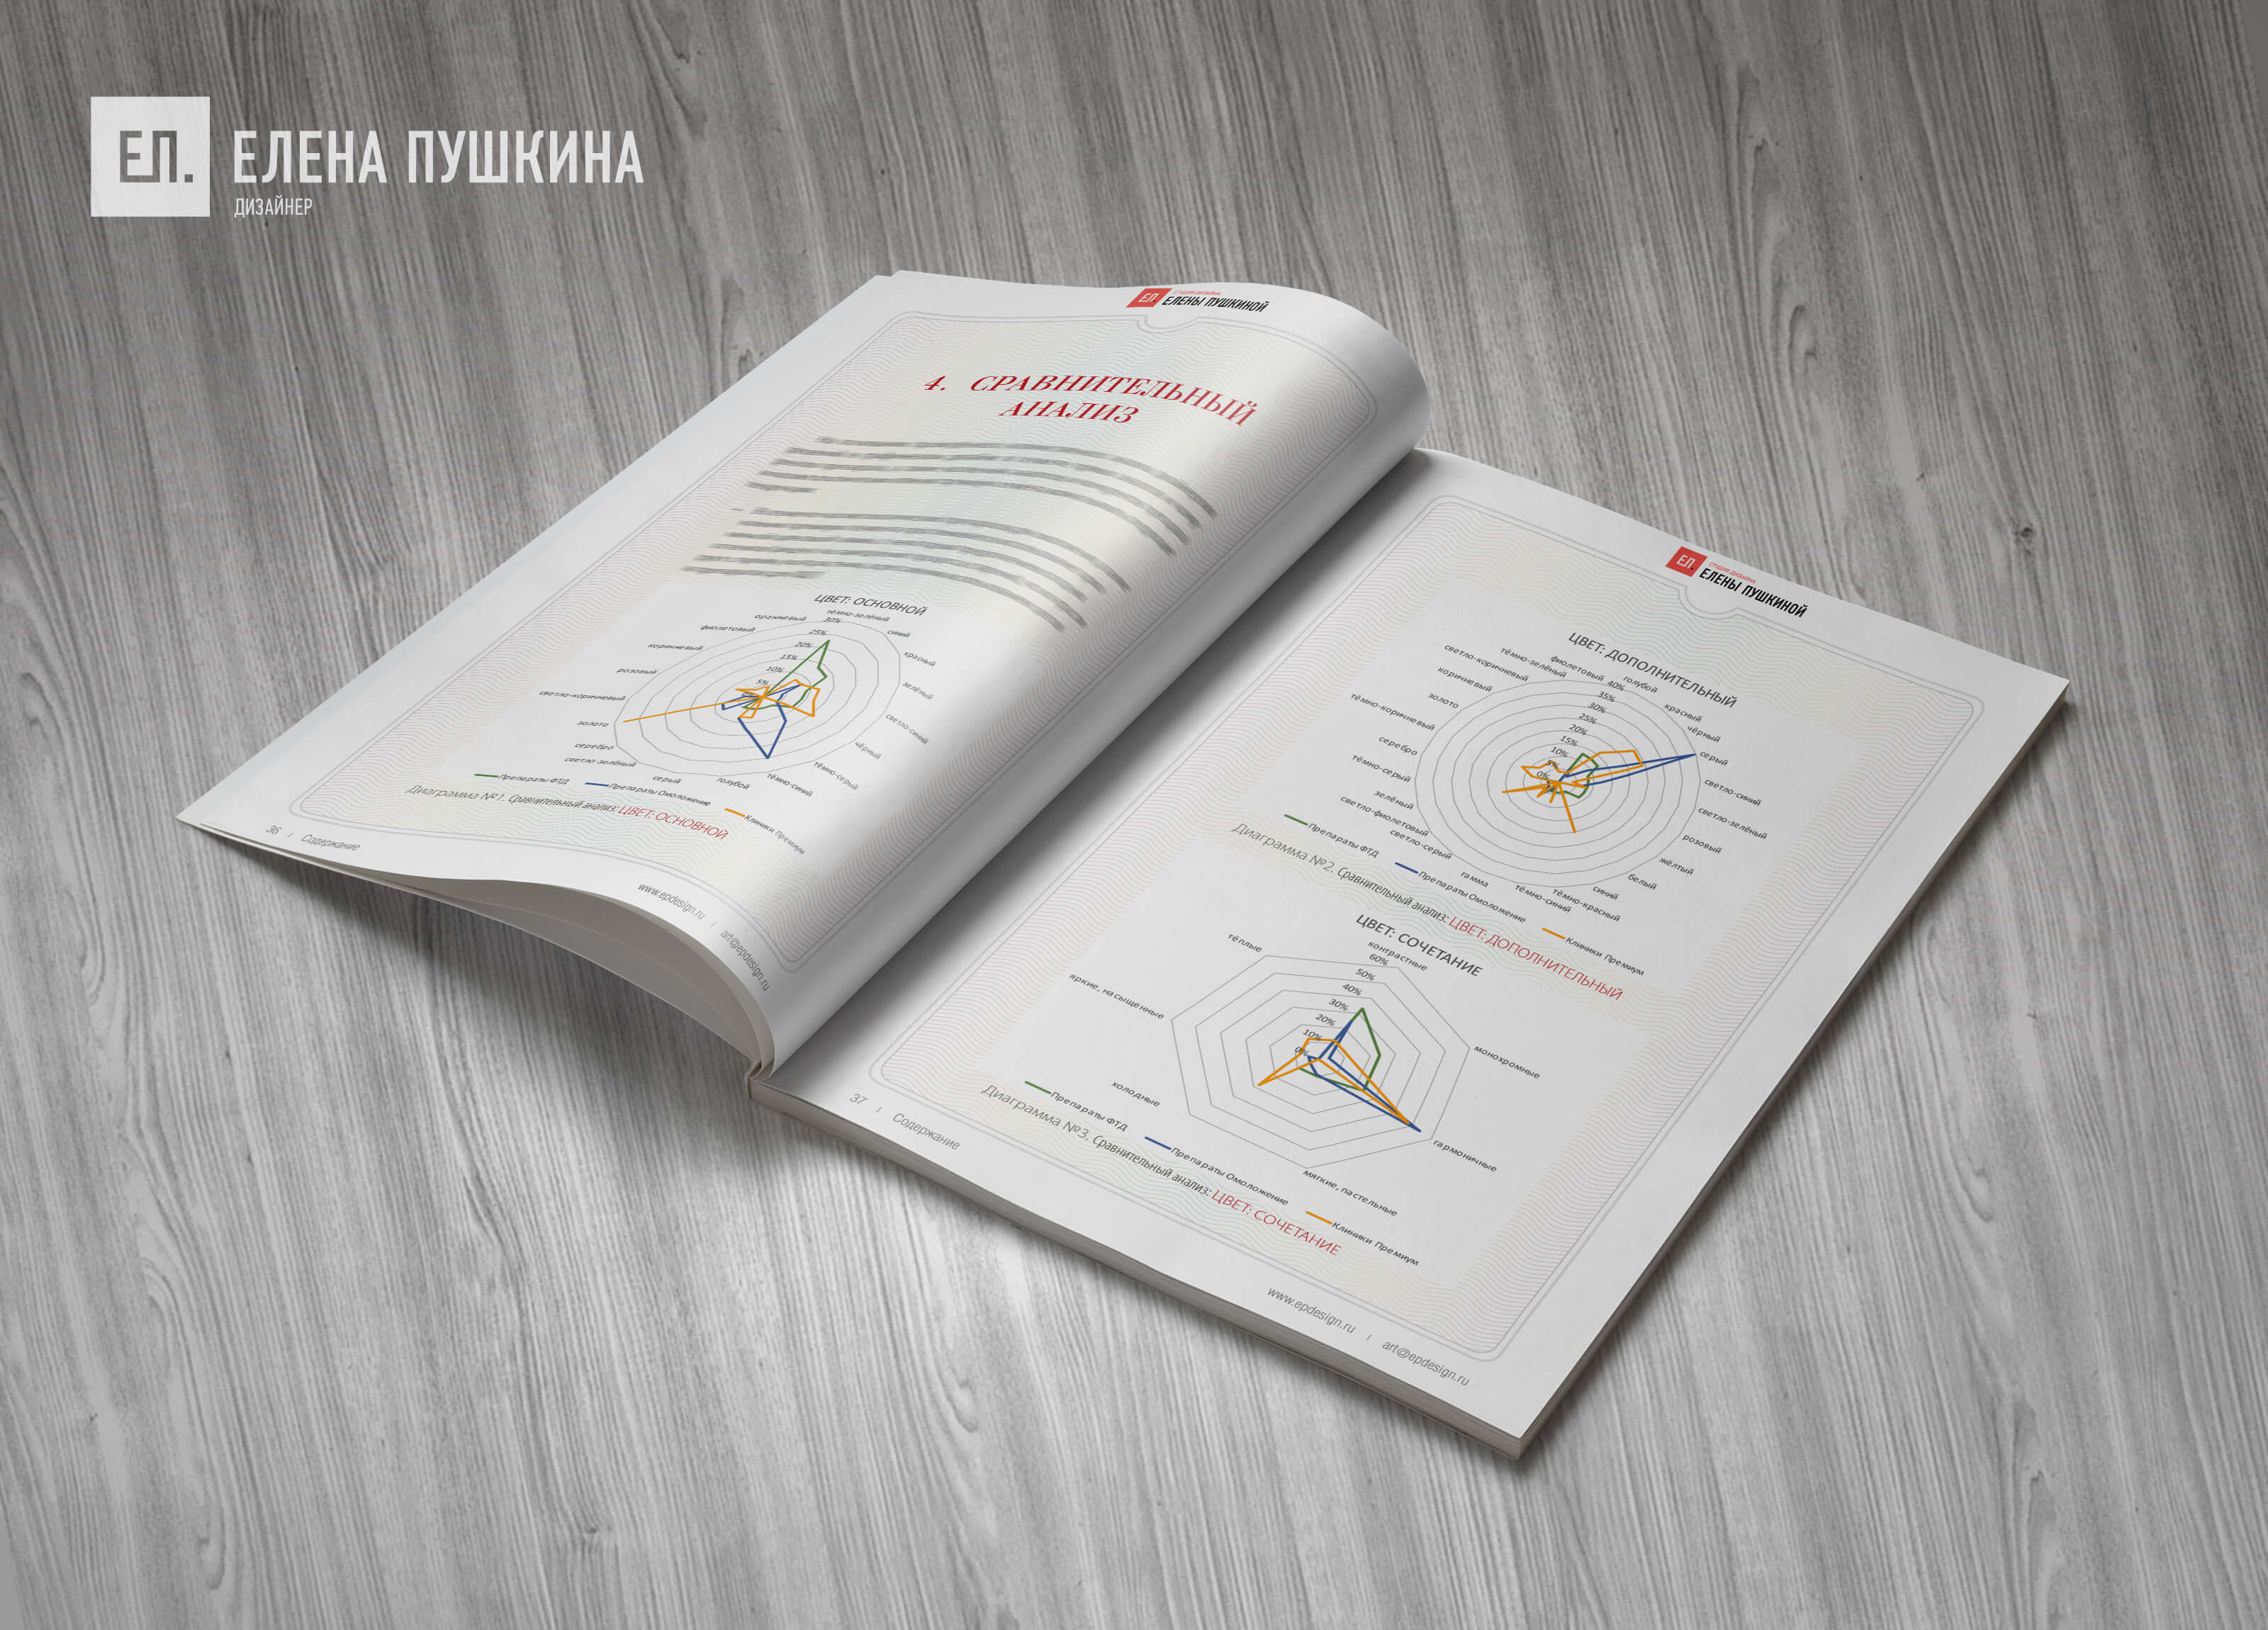 Аналитическое дизайн-исследование рынка препаратов дляФДТ вкосметологии— проведение кабинетного исследования: сбор данных, анализ, выводы ирекомендации Дизайн-исследования Портфолио